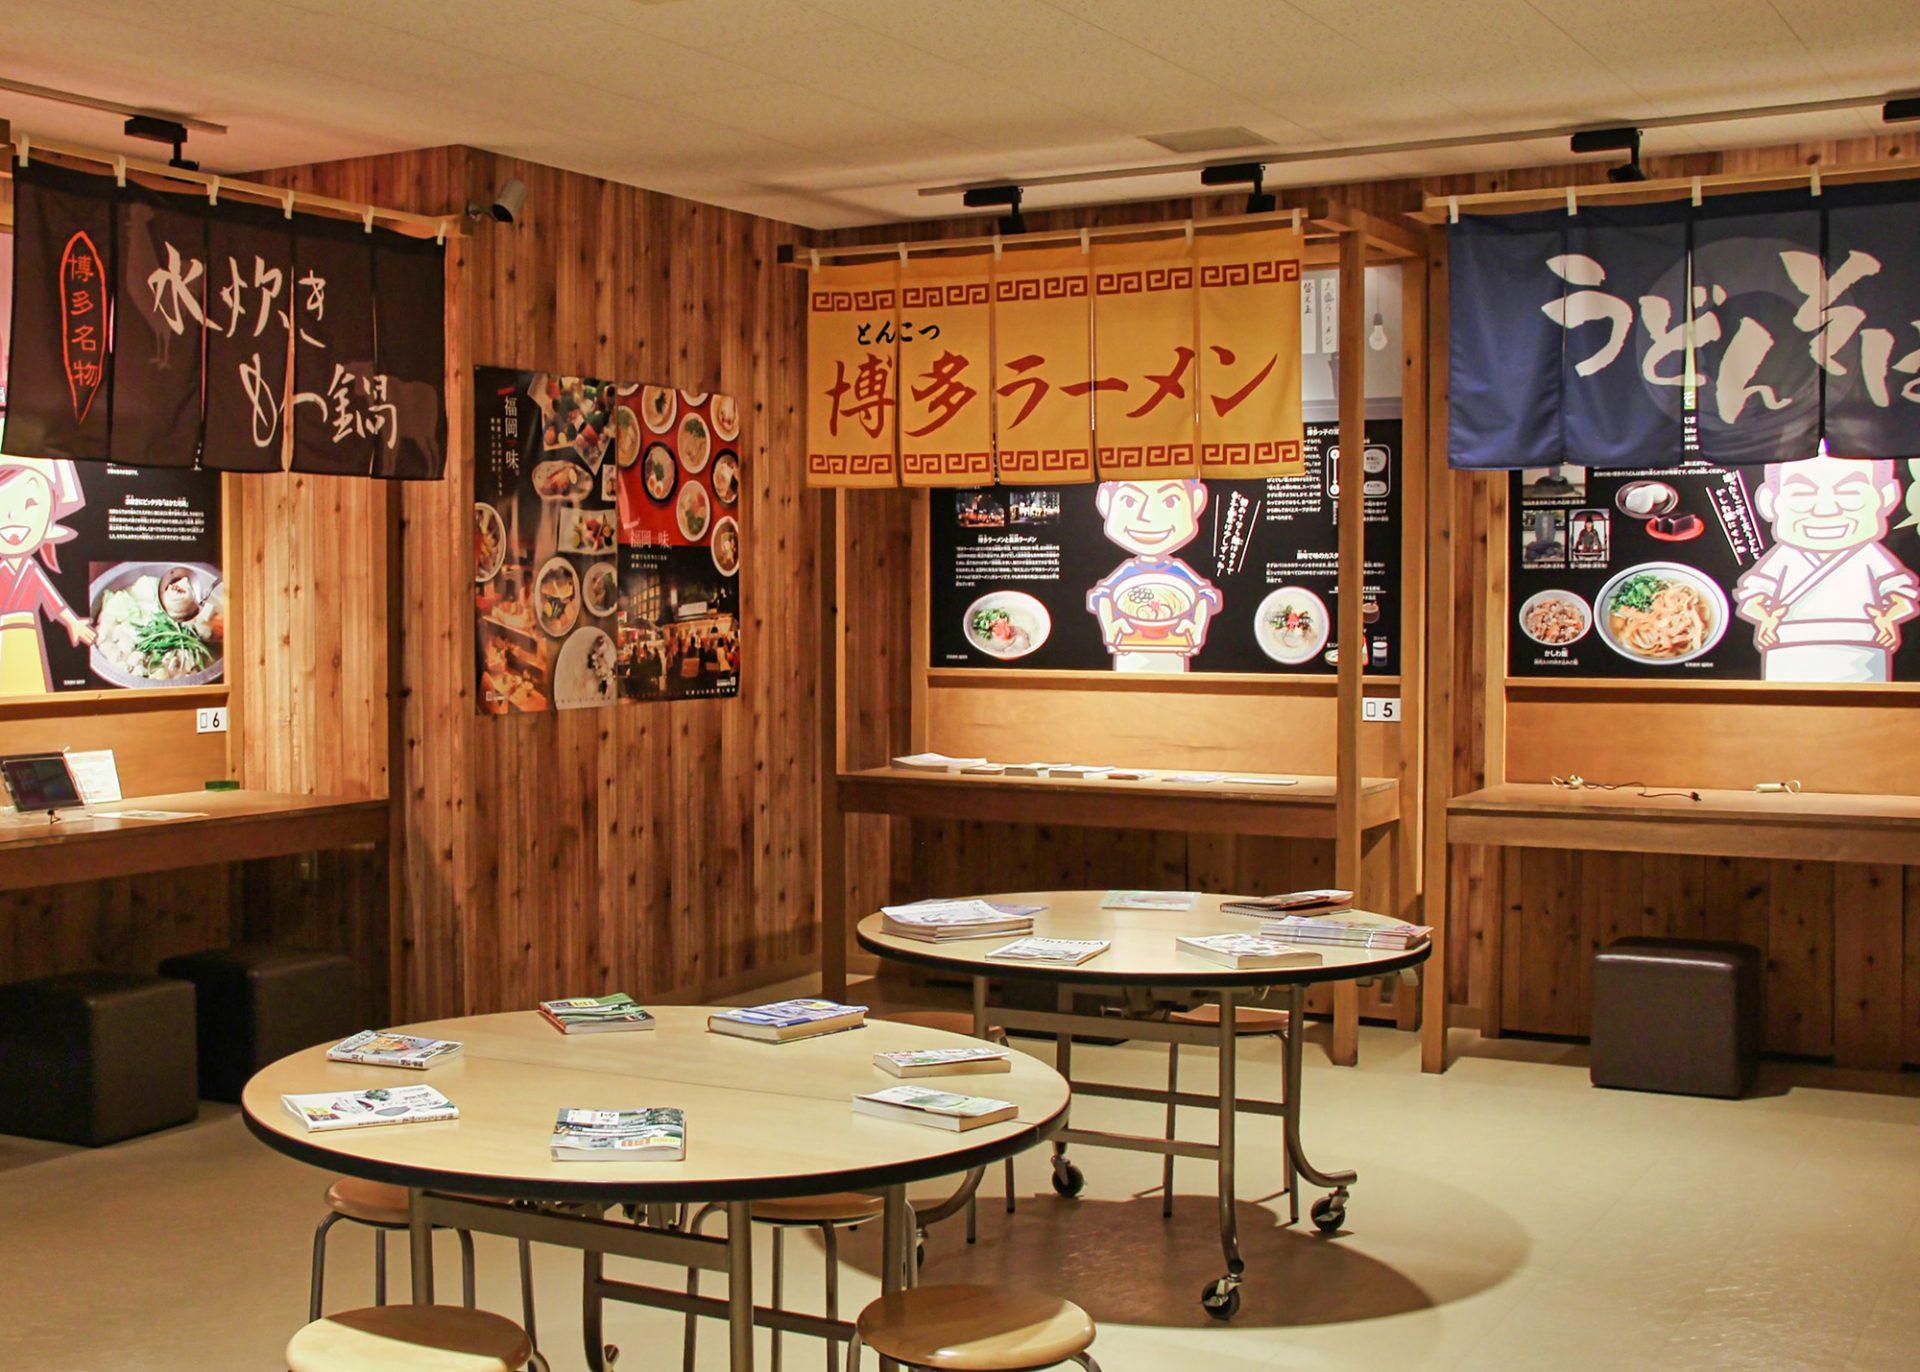 博多の「食」を展示しているコーナーでは、明太子以外の水炊き・博多ラーメン・もつ鍋のルーツを紹介